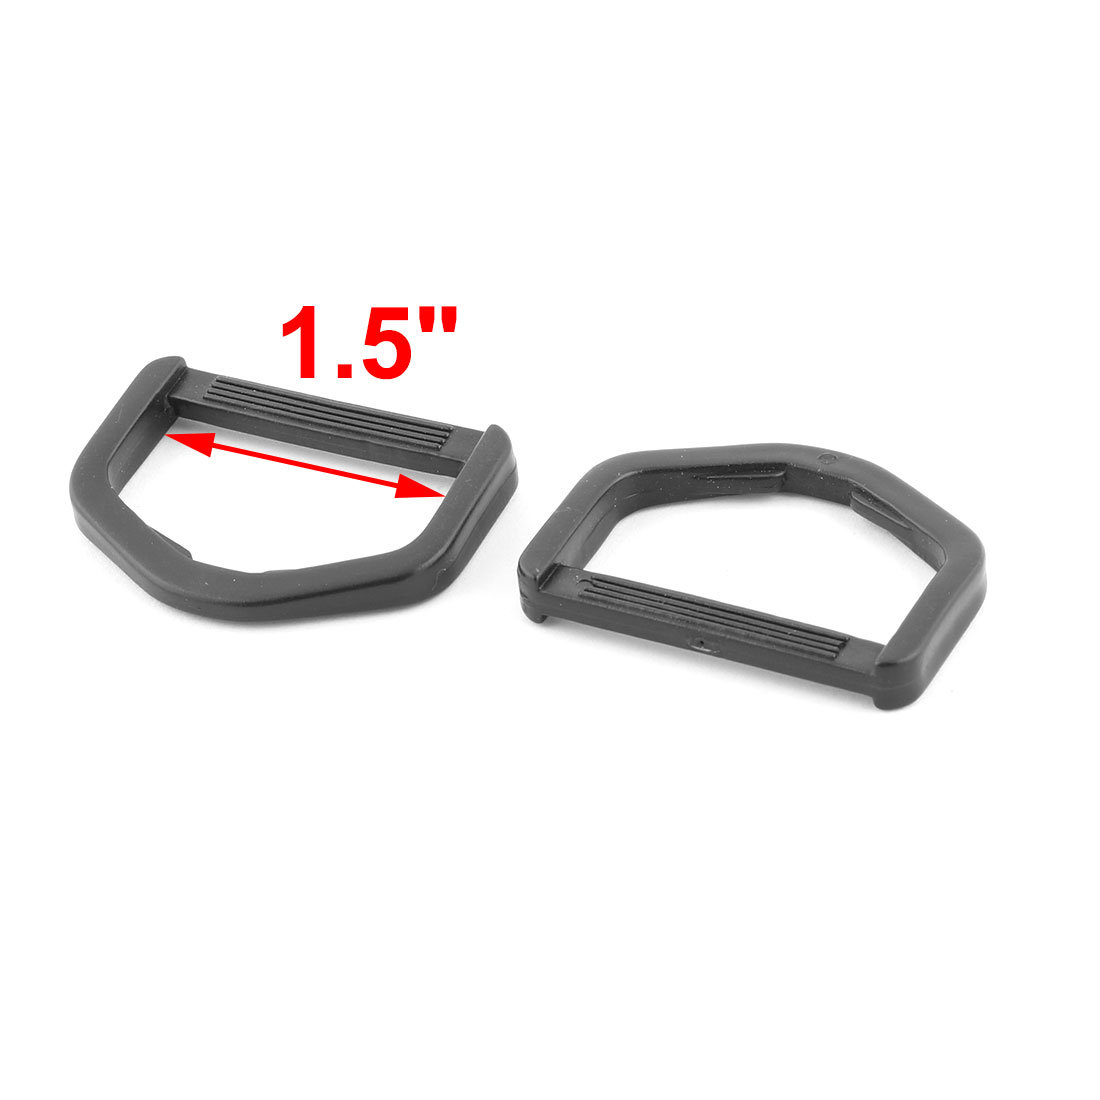 Luggage Shoulder Bag D Shaped Belt Strap Holder Adjustive Ring Buckle 12pcs - image 1 of 3